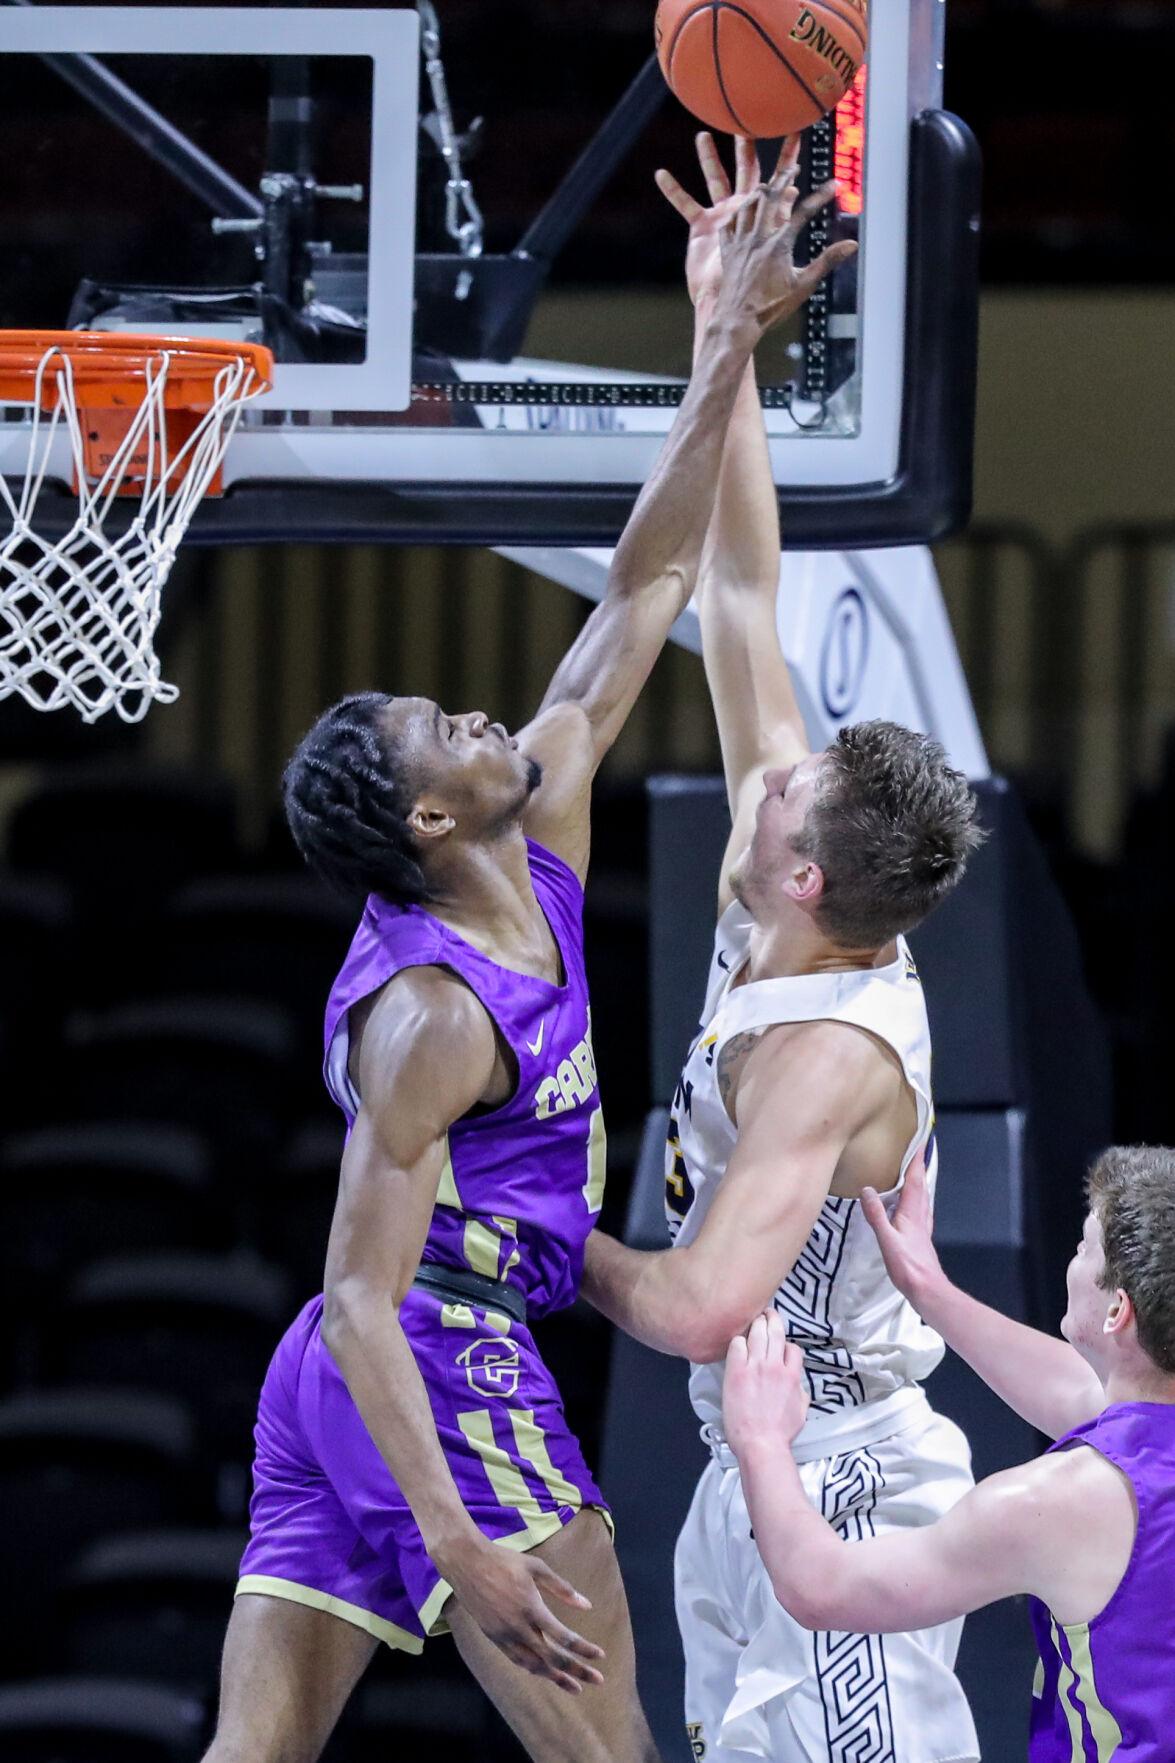 2019 NAIA Men's Basketball National Championship. Municiapal Arena, Kansas City, Mo.